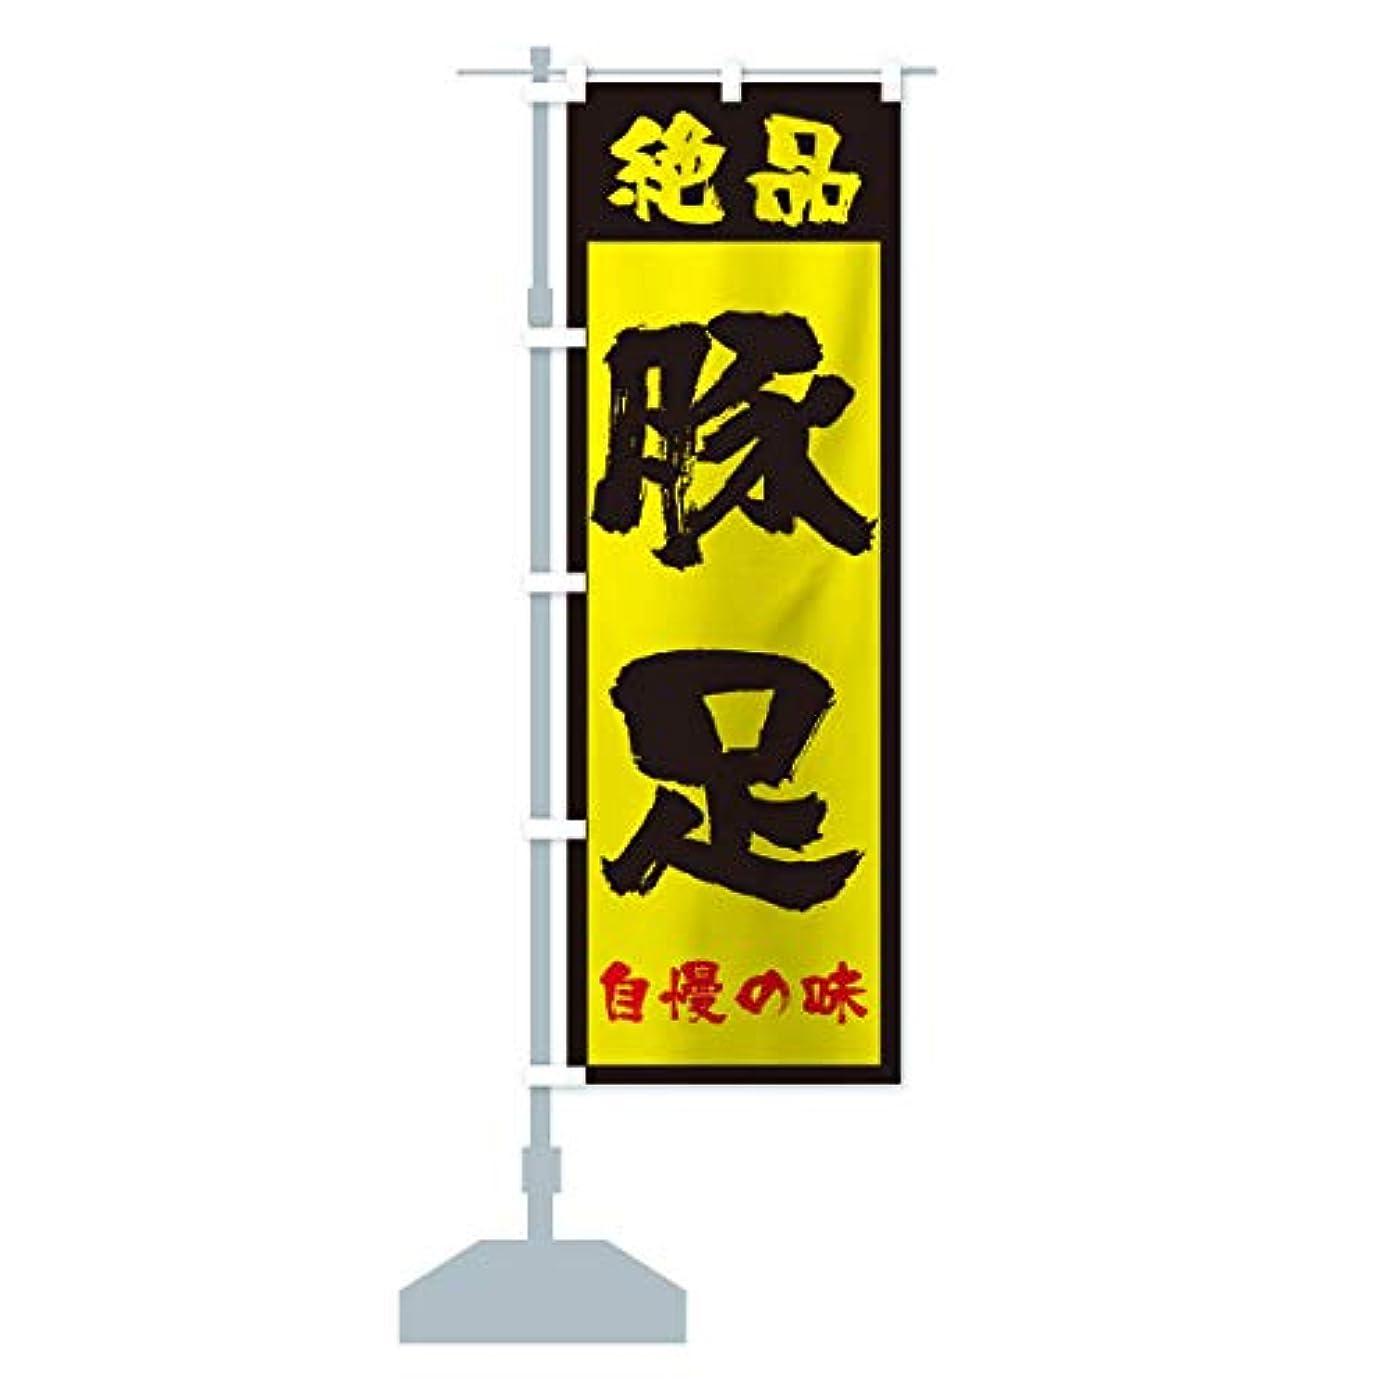 永久心理学すみません豚足 のぼり旗(レギュラー60x180cm 左チチ 標準)